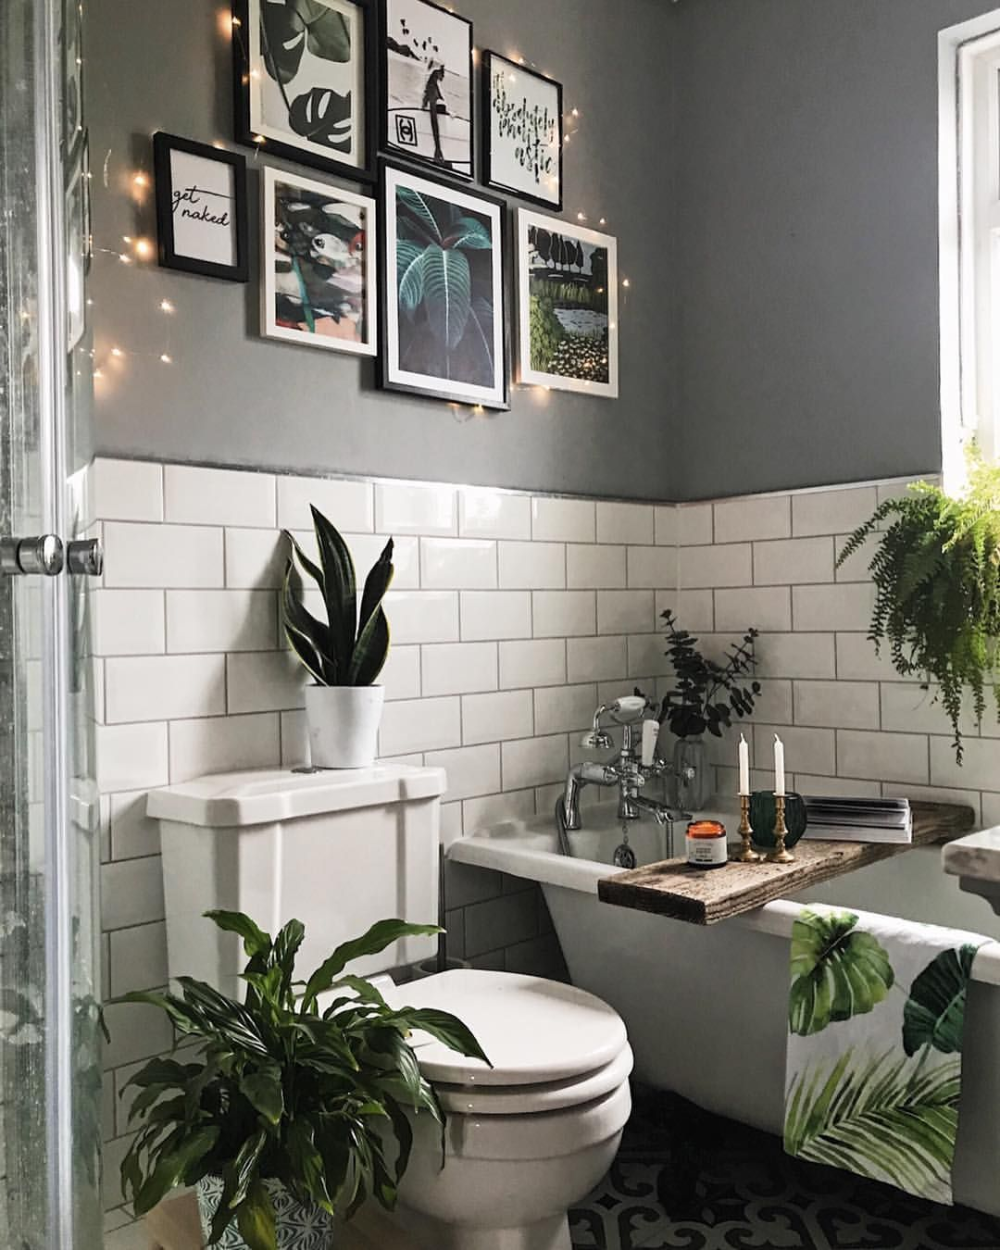 Grey Bathroom Wall Art In 2020 White Bathroom Designs Gray Bathroom Walls Gray And White Bathroom